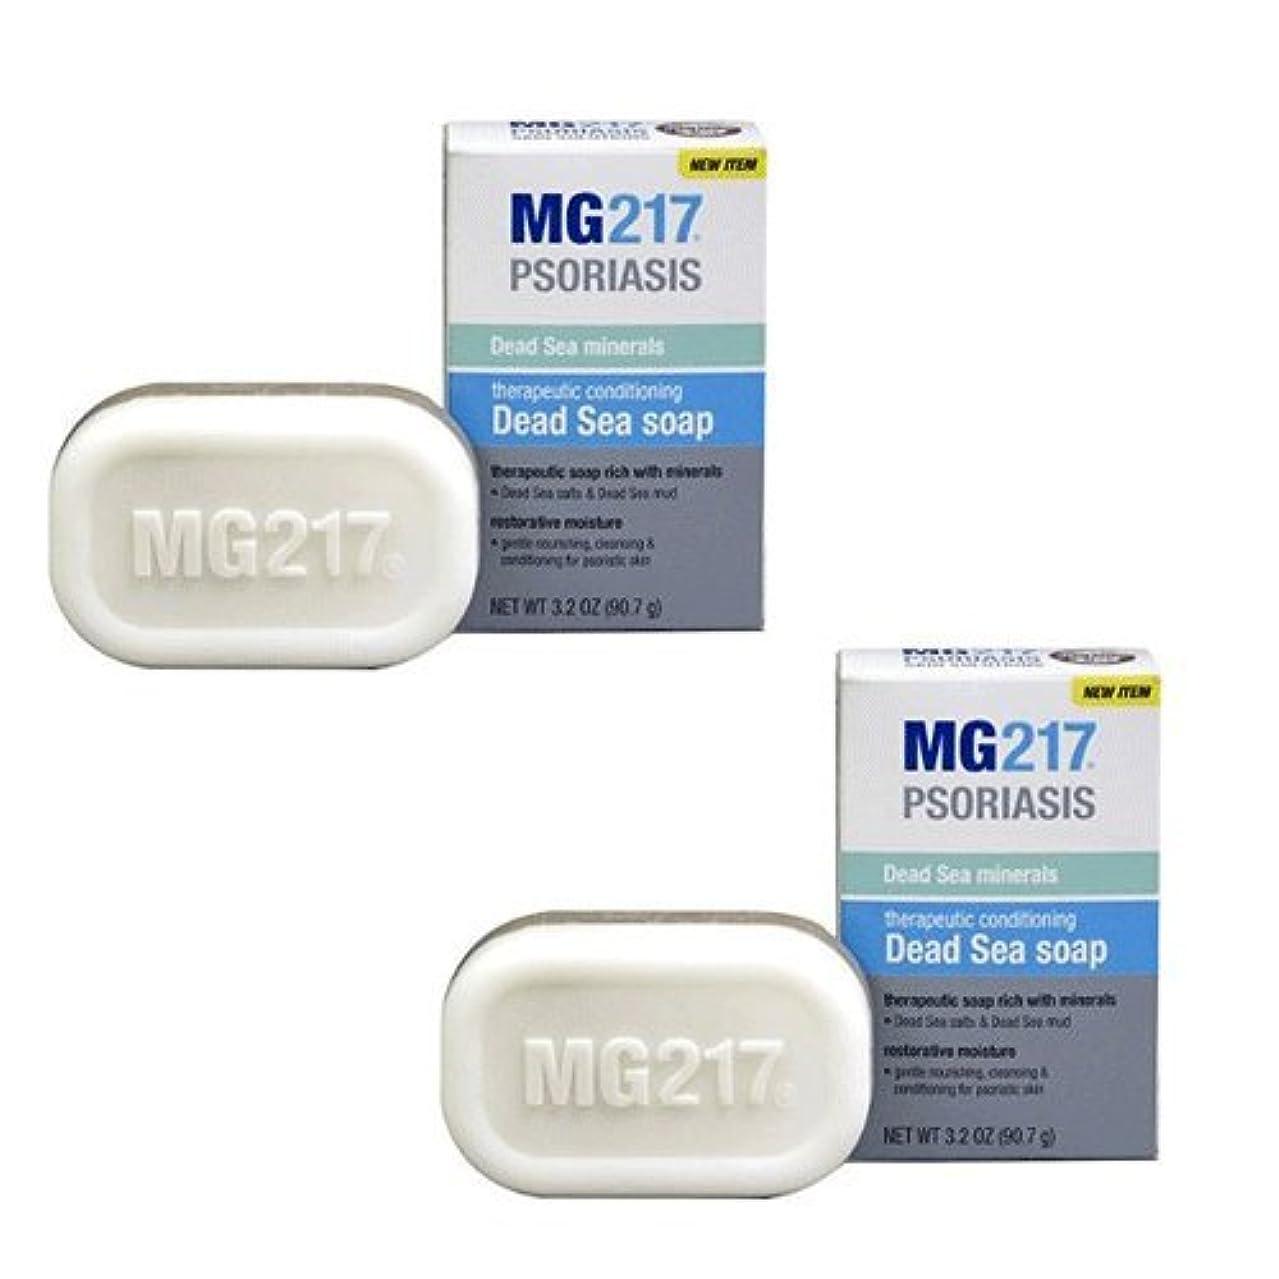 強打ソケット開発2個セット 死海の泥とミネラルたっぷり MG217ソープ 90g MG217 Psoriasis Therapeutic Conditioning Dead Sea Bar Soap